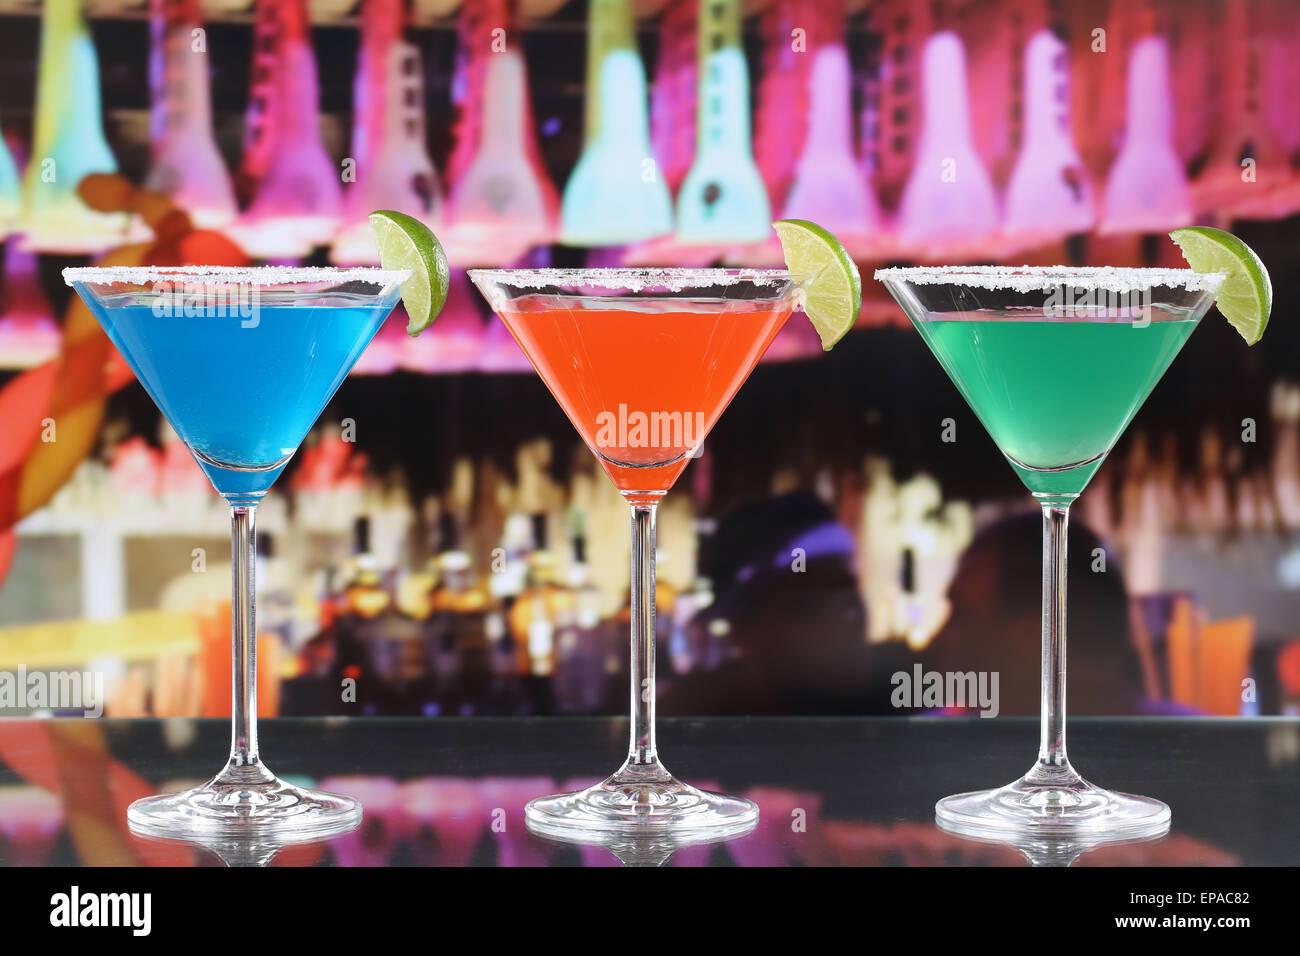 Bunte Cocktails in Martini Gläsern in einer Bar - Stock Image